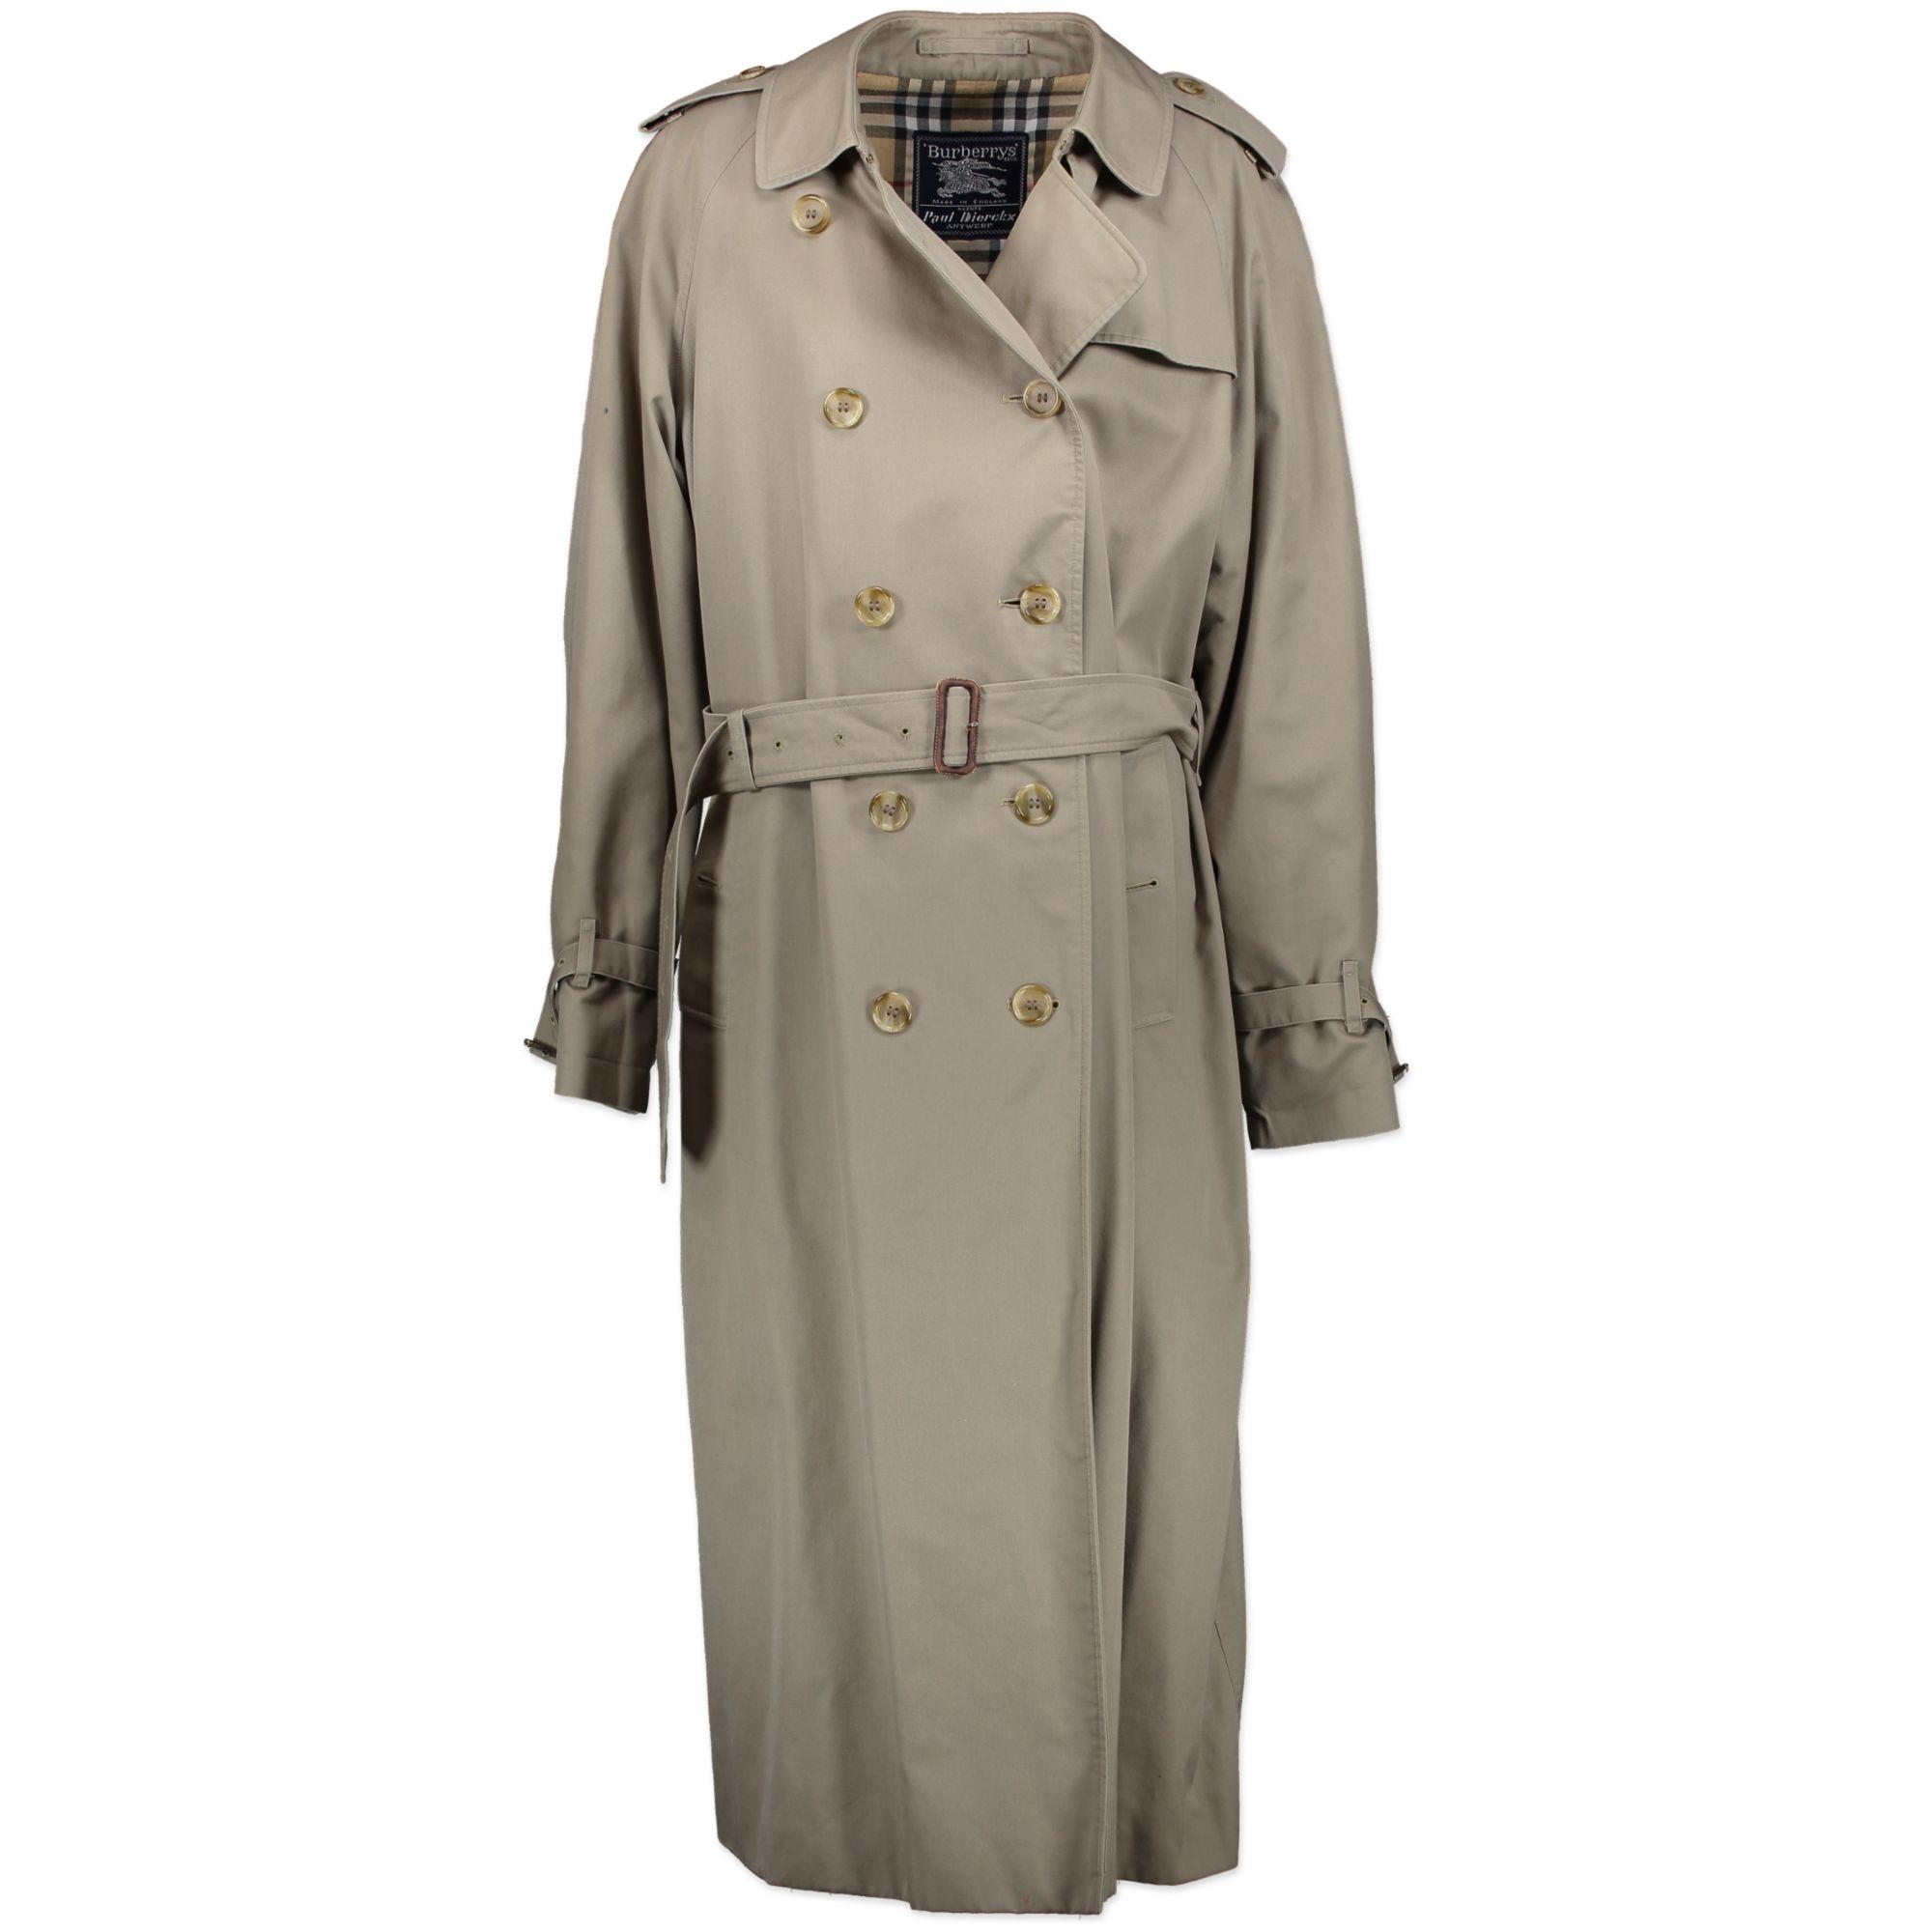 Burberry Classic Trenchcoat - SIZE L. Koop online beige klassieke Burberry coat man bij LabelLOV in Antwerpen. Veilige betaling.